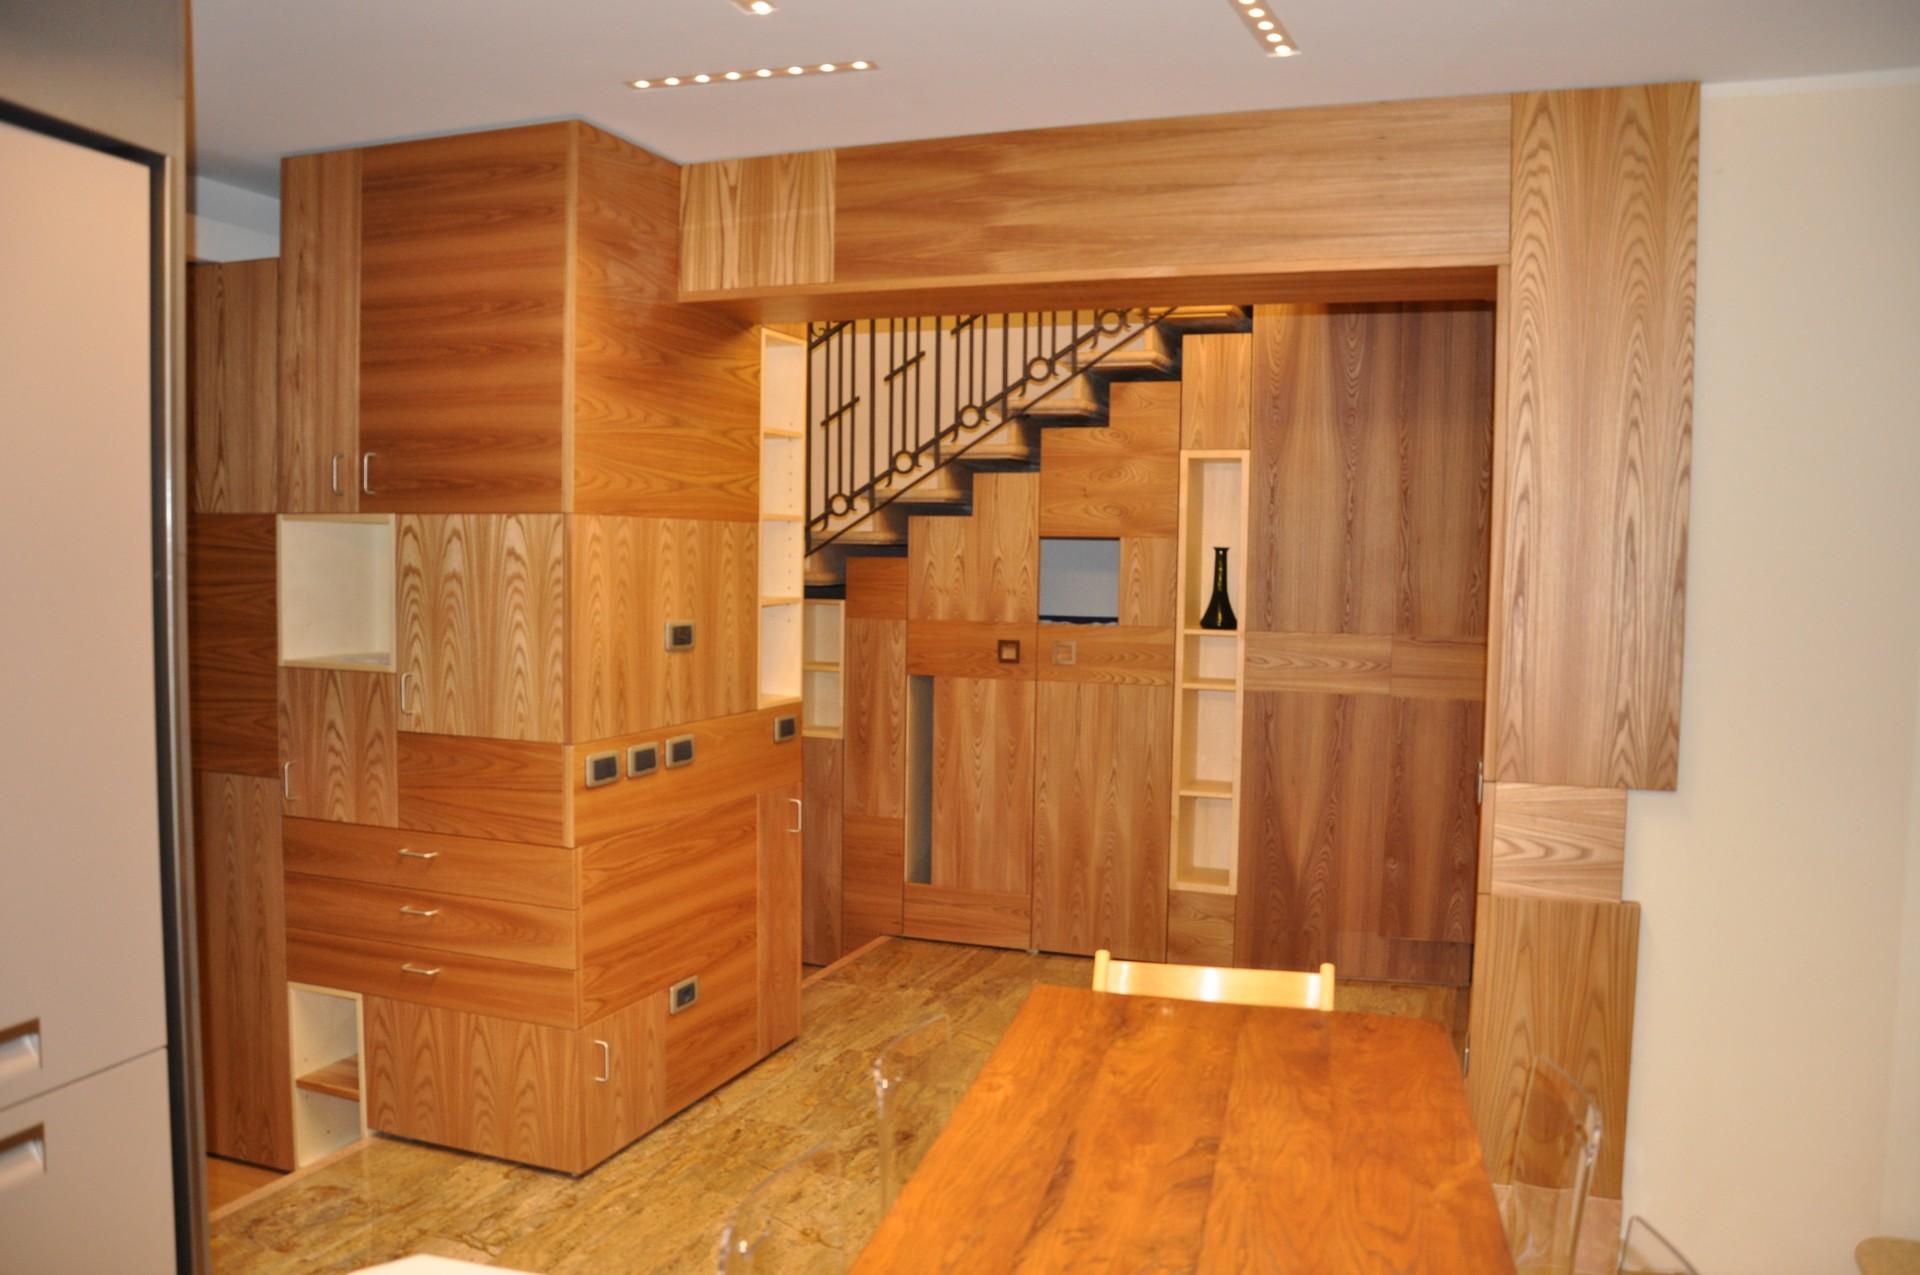 Cucina A Muratura Moderna : Progettazione arredamenti su misura fadini mobili cerea